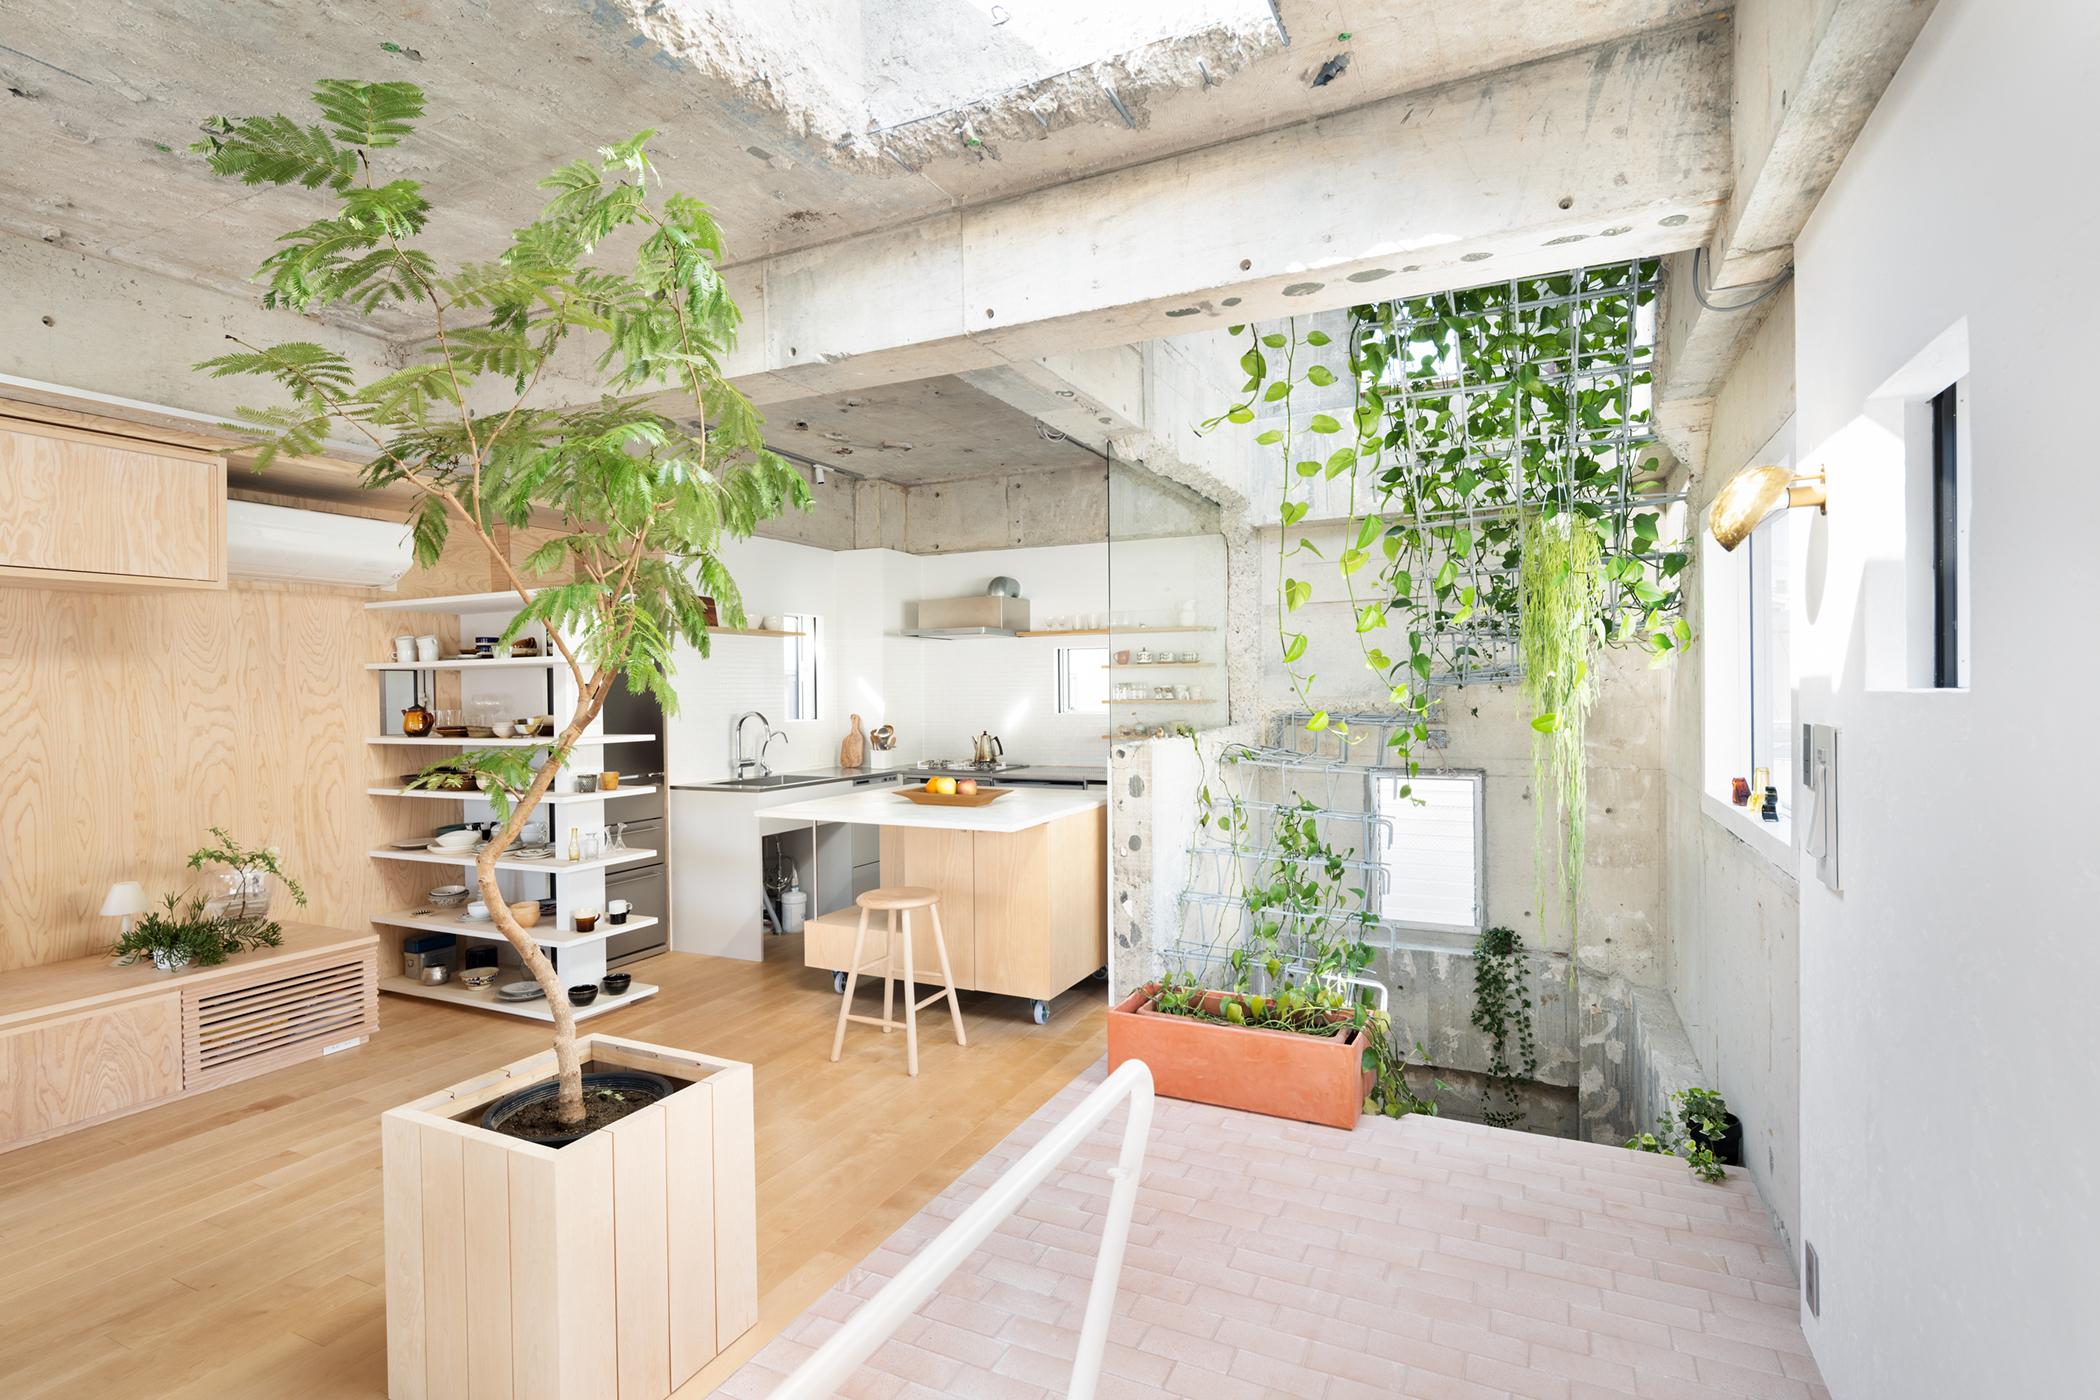 築33年の印刷工場をリノベーションした事務所兼住宅